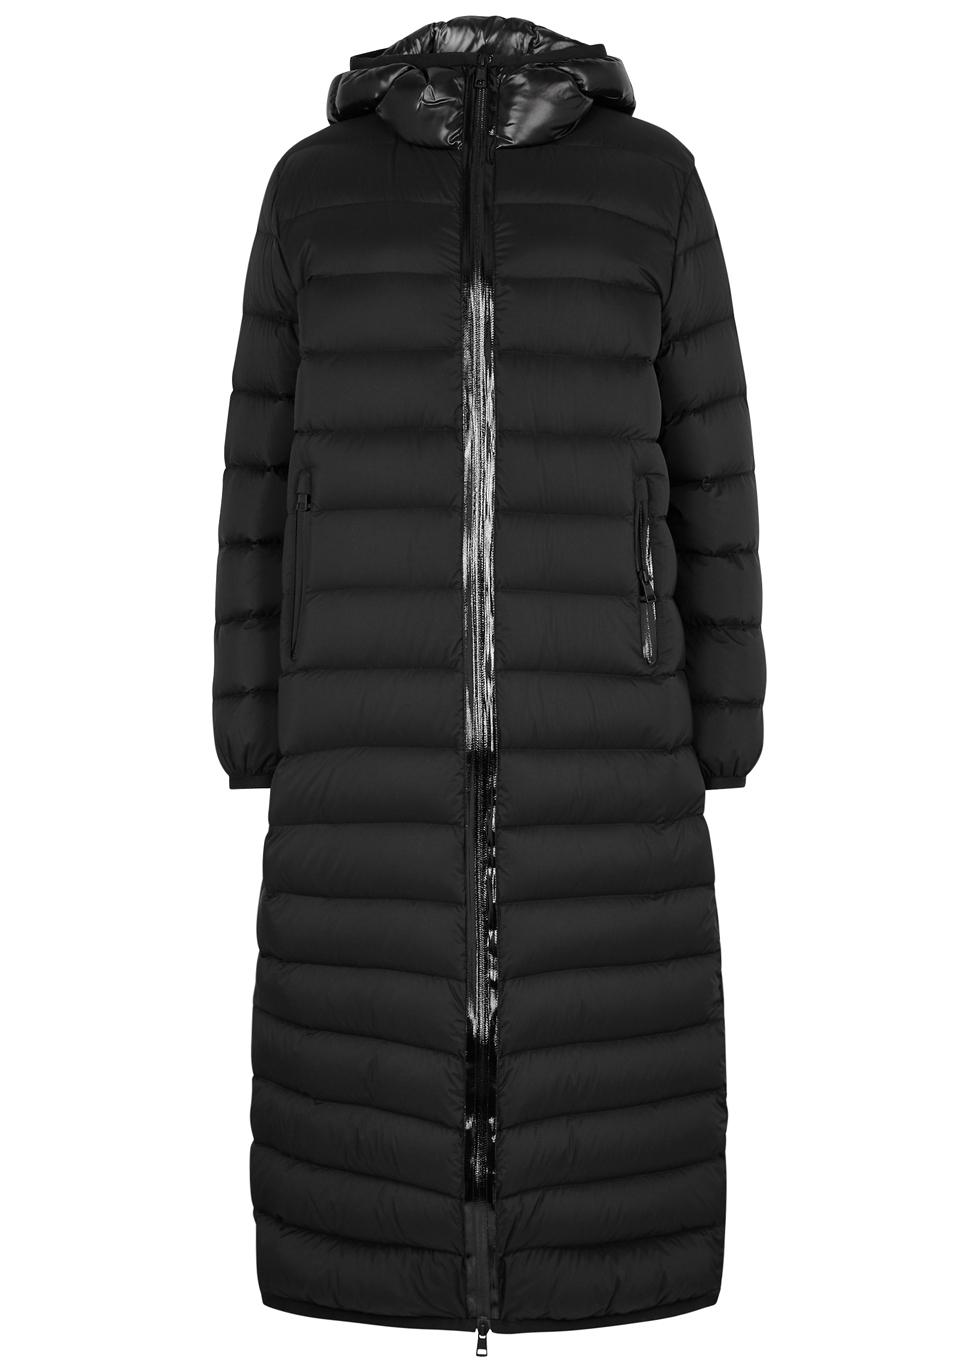 7d744e95bef3 Moncler - Designer Jackets